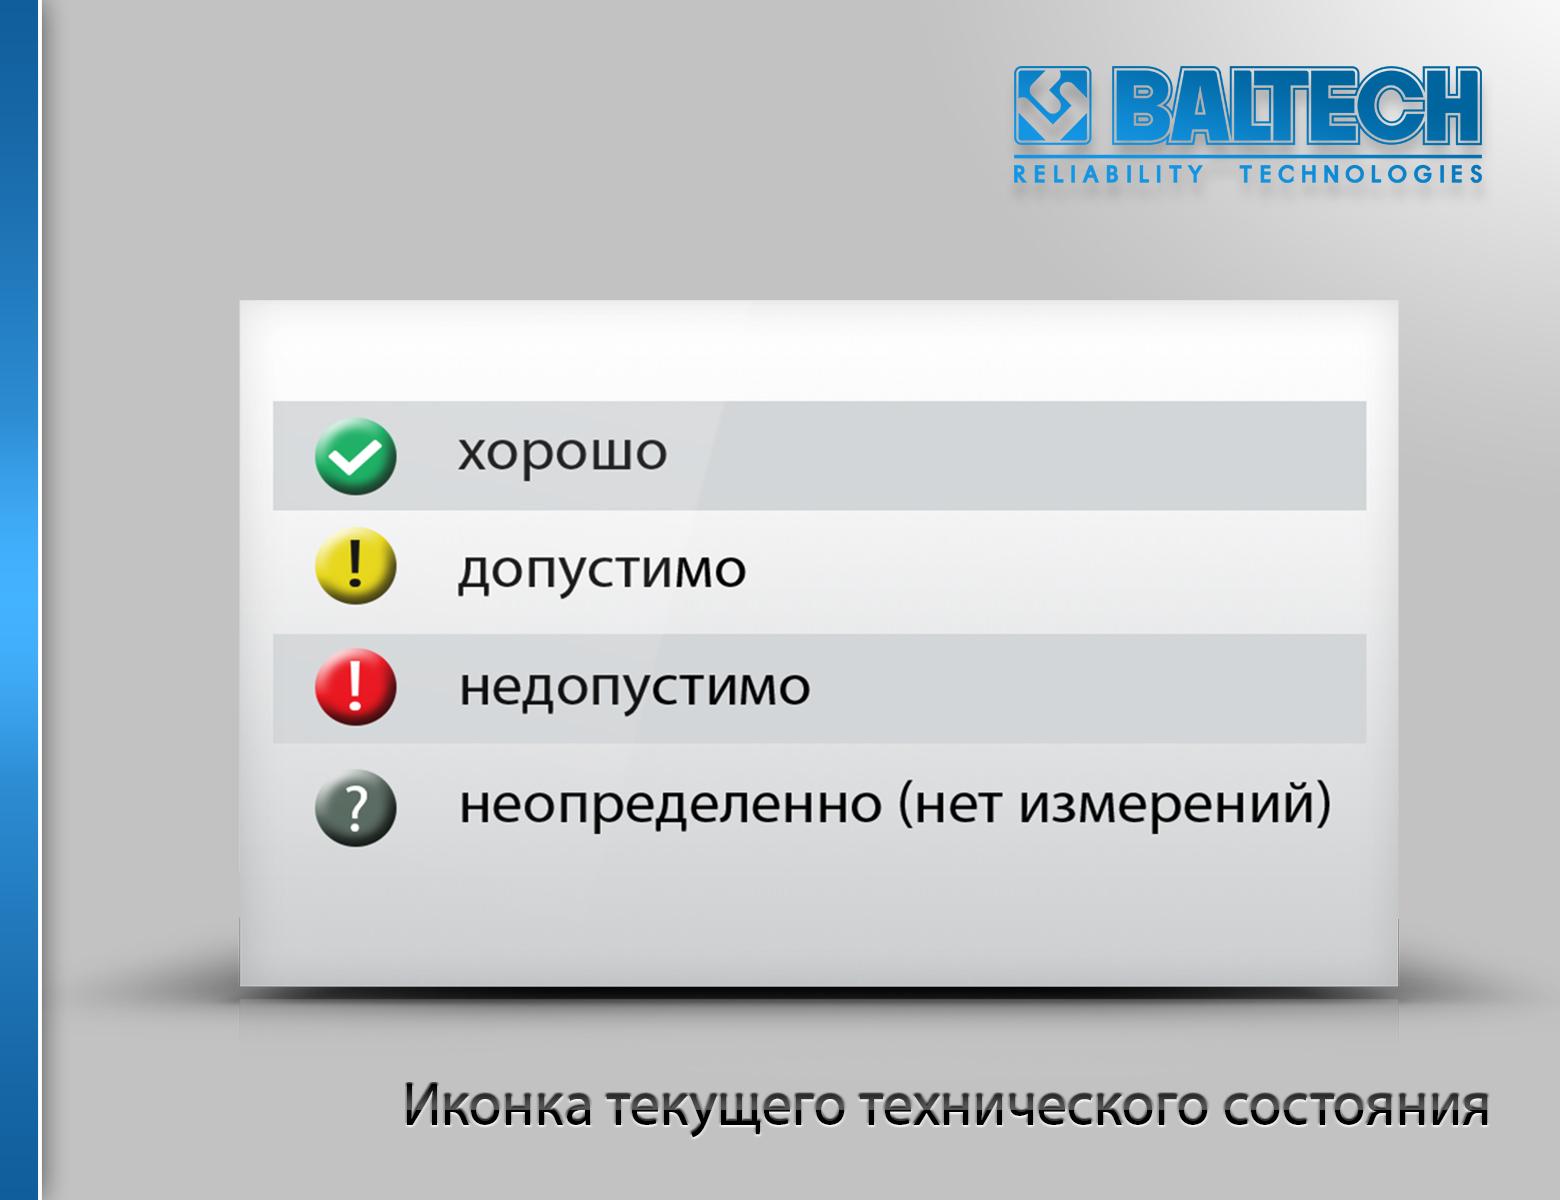 Программное обеспечение BALTECH-Expert, вибродиагностика, анализ термограмм, отчет по центровке